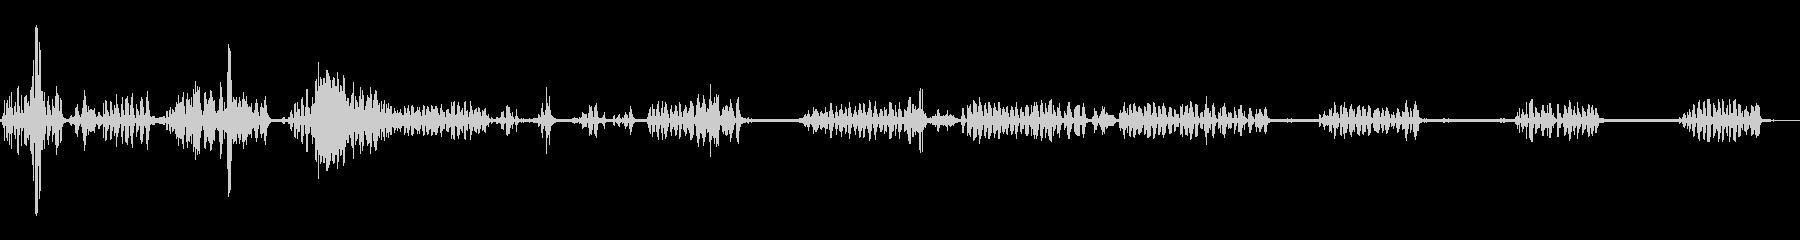 春の山(環境音)/鳥の鳴き声の未再生の波形